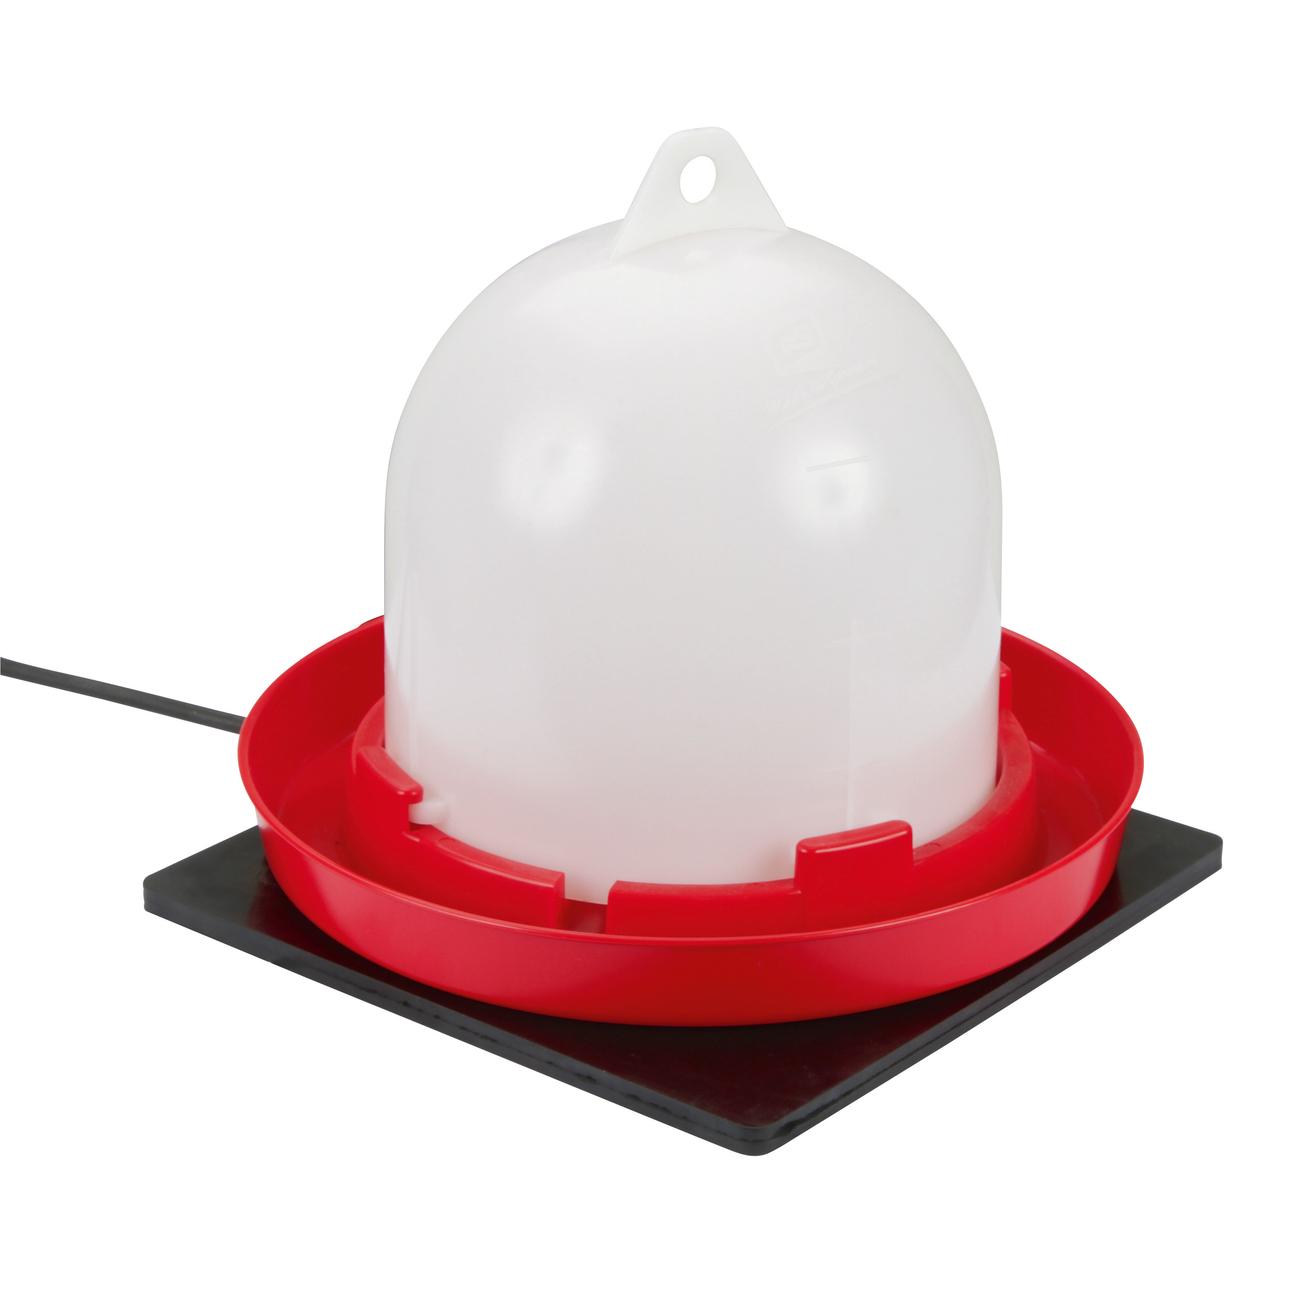 Kerbl Gummiheizplatte, Bild 4